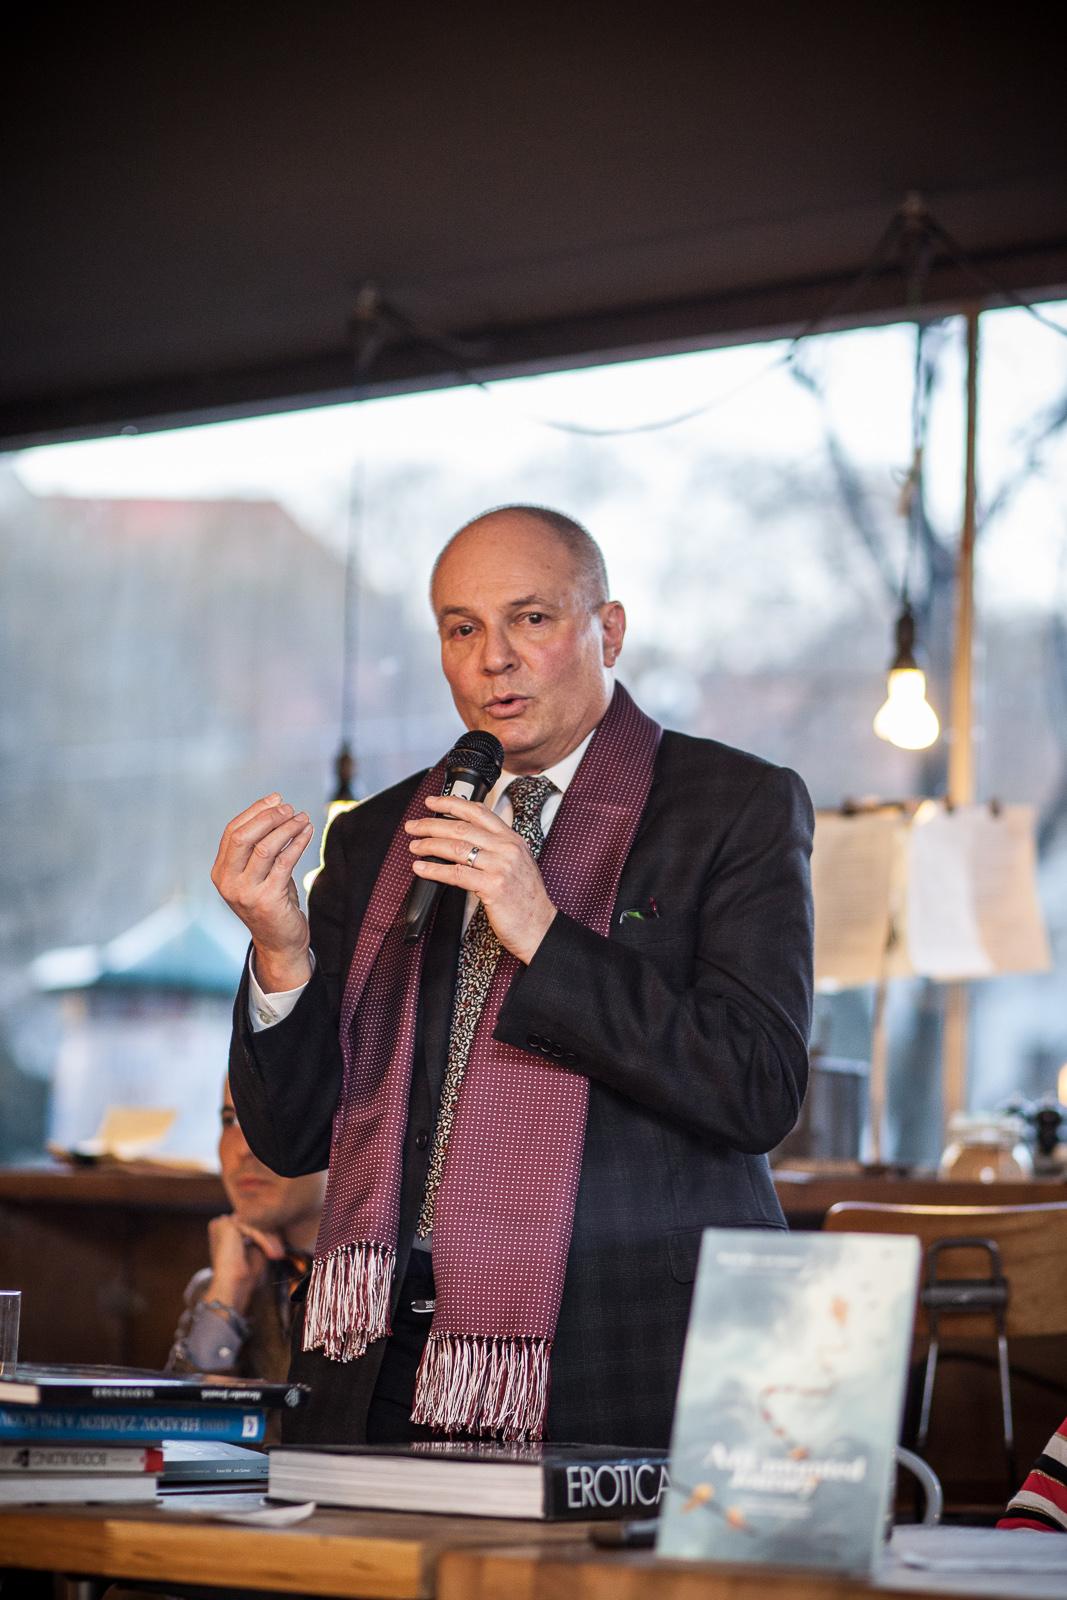 Rubén Bild coautor habla sobre el proceso creativo durante la escritura.